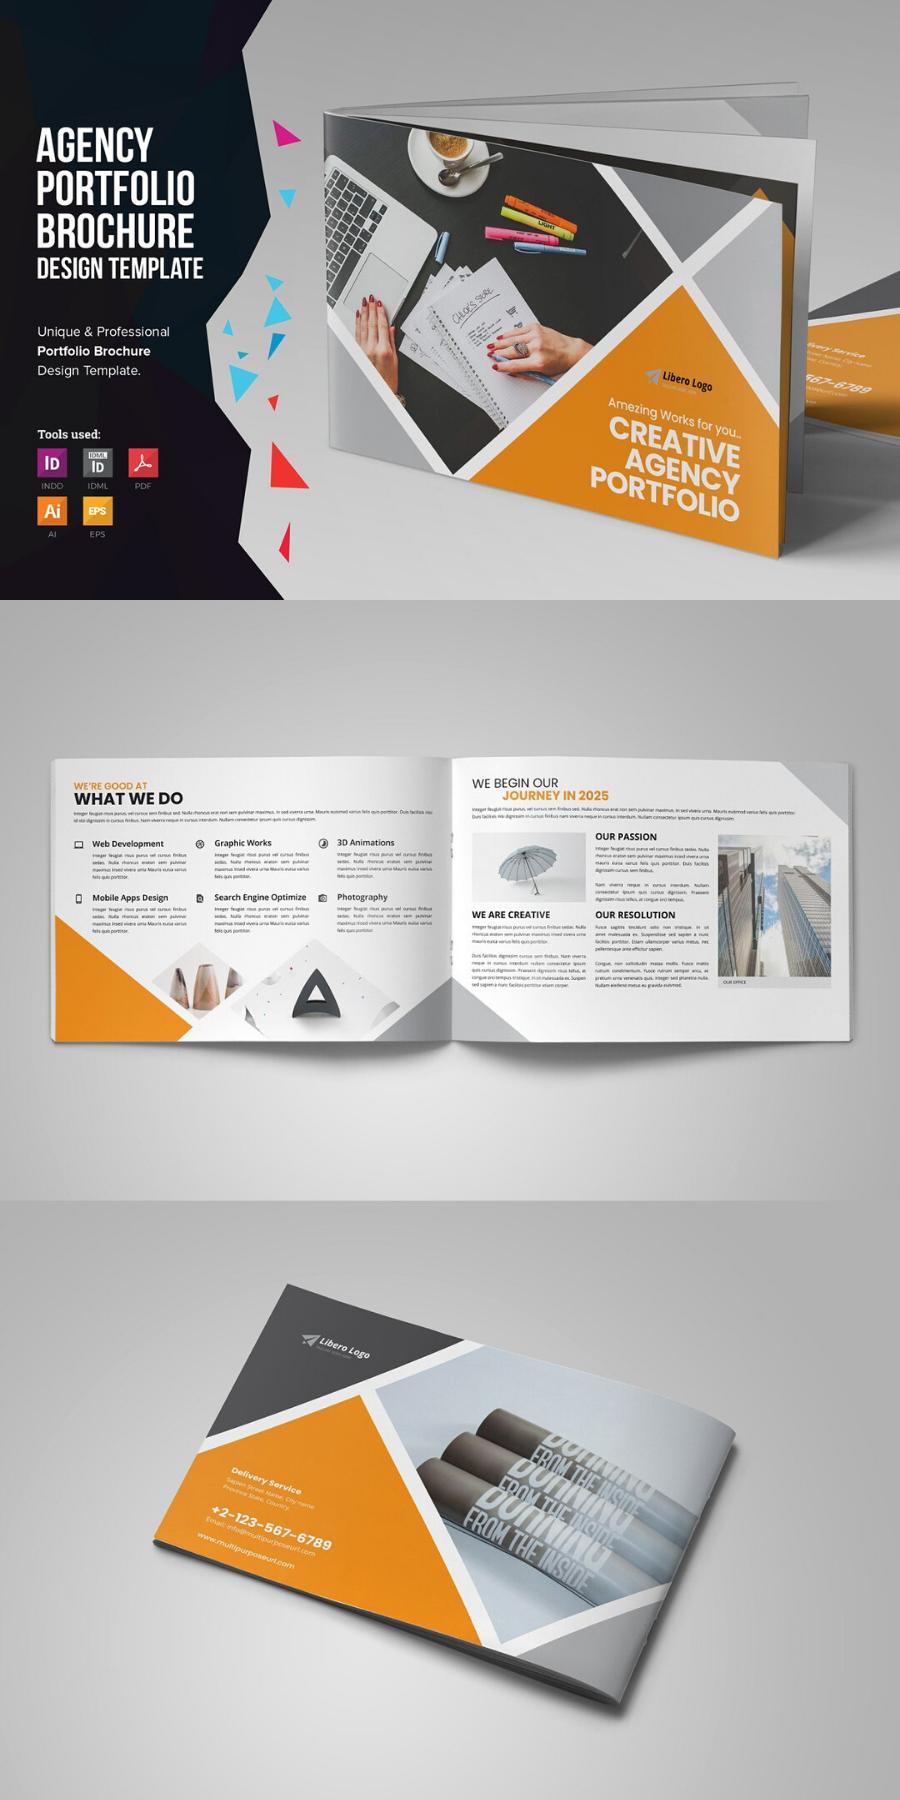 Digital Agency Portfolio Brochure V2 In 2020 Brochure Design Template Portfolio Brochures Brochure